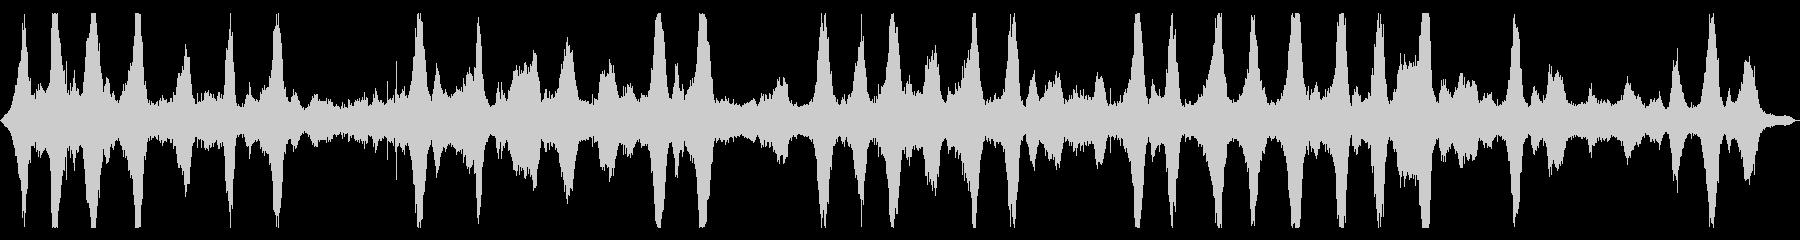 【環境音】波音01A#2(茅ヶ崎海岸)の未再生の波形